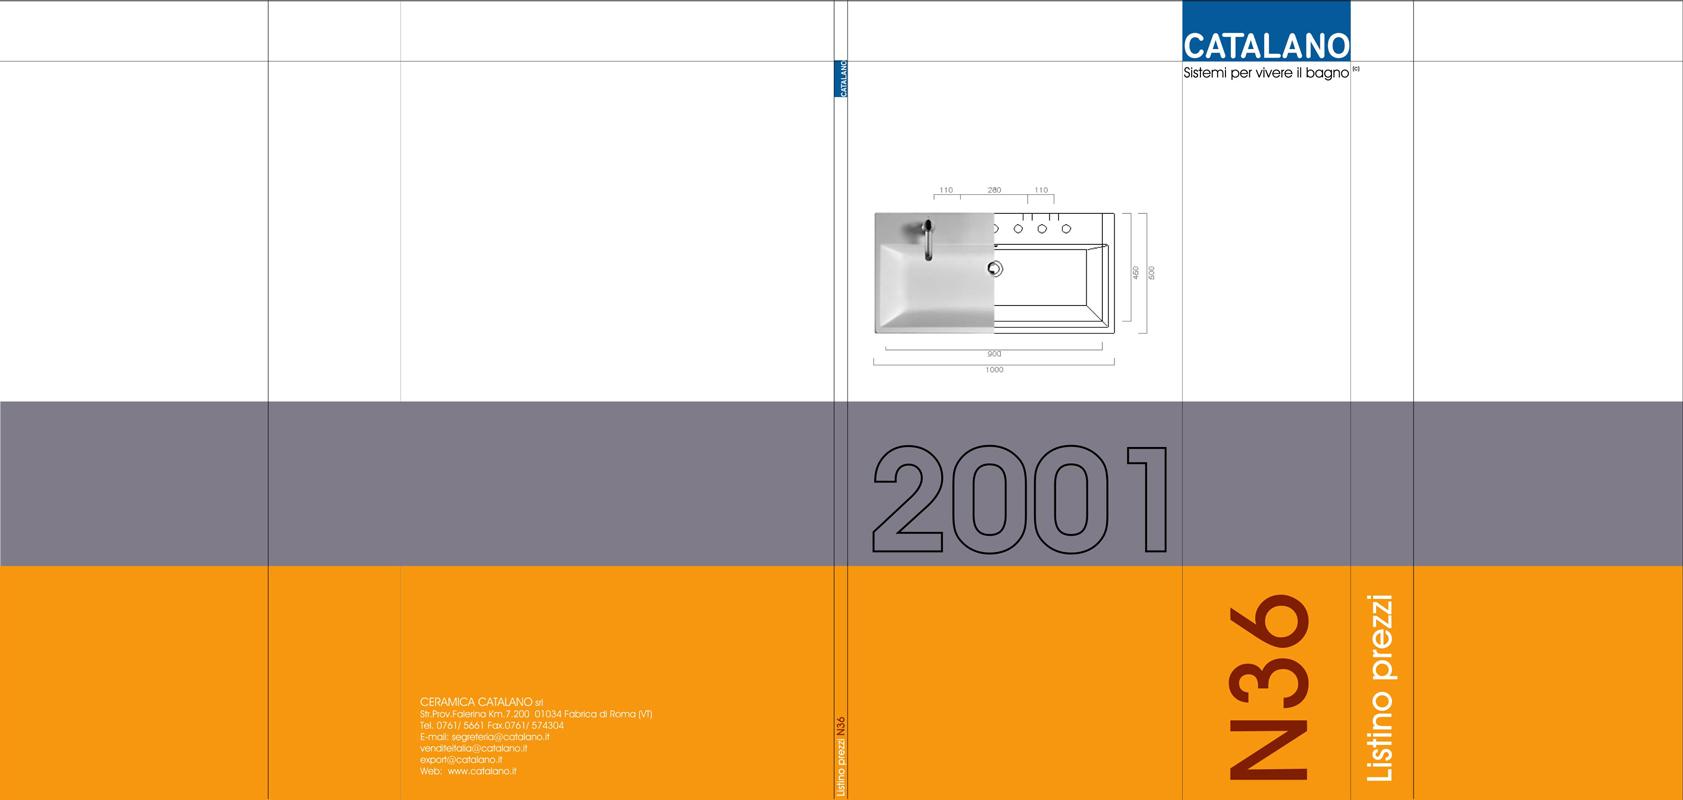 Ceramica Catalano Listino Prezzi.Ceramica Catalano Modus Web Graphic Design